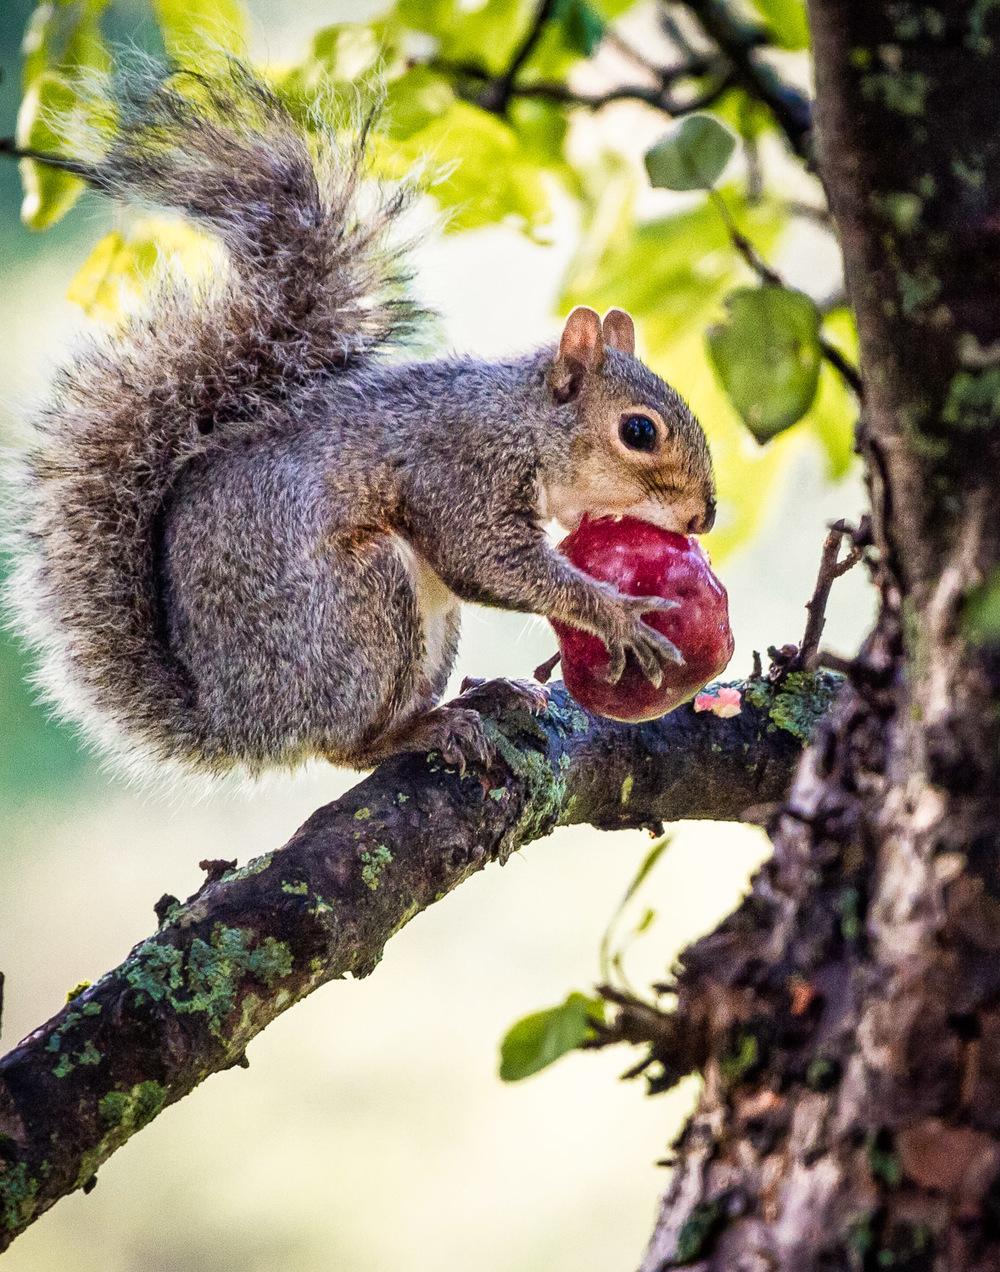 Squirrel-Bites-Huge-Red-Apple-In-Tree.jpg